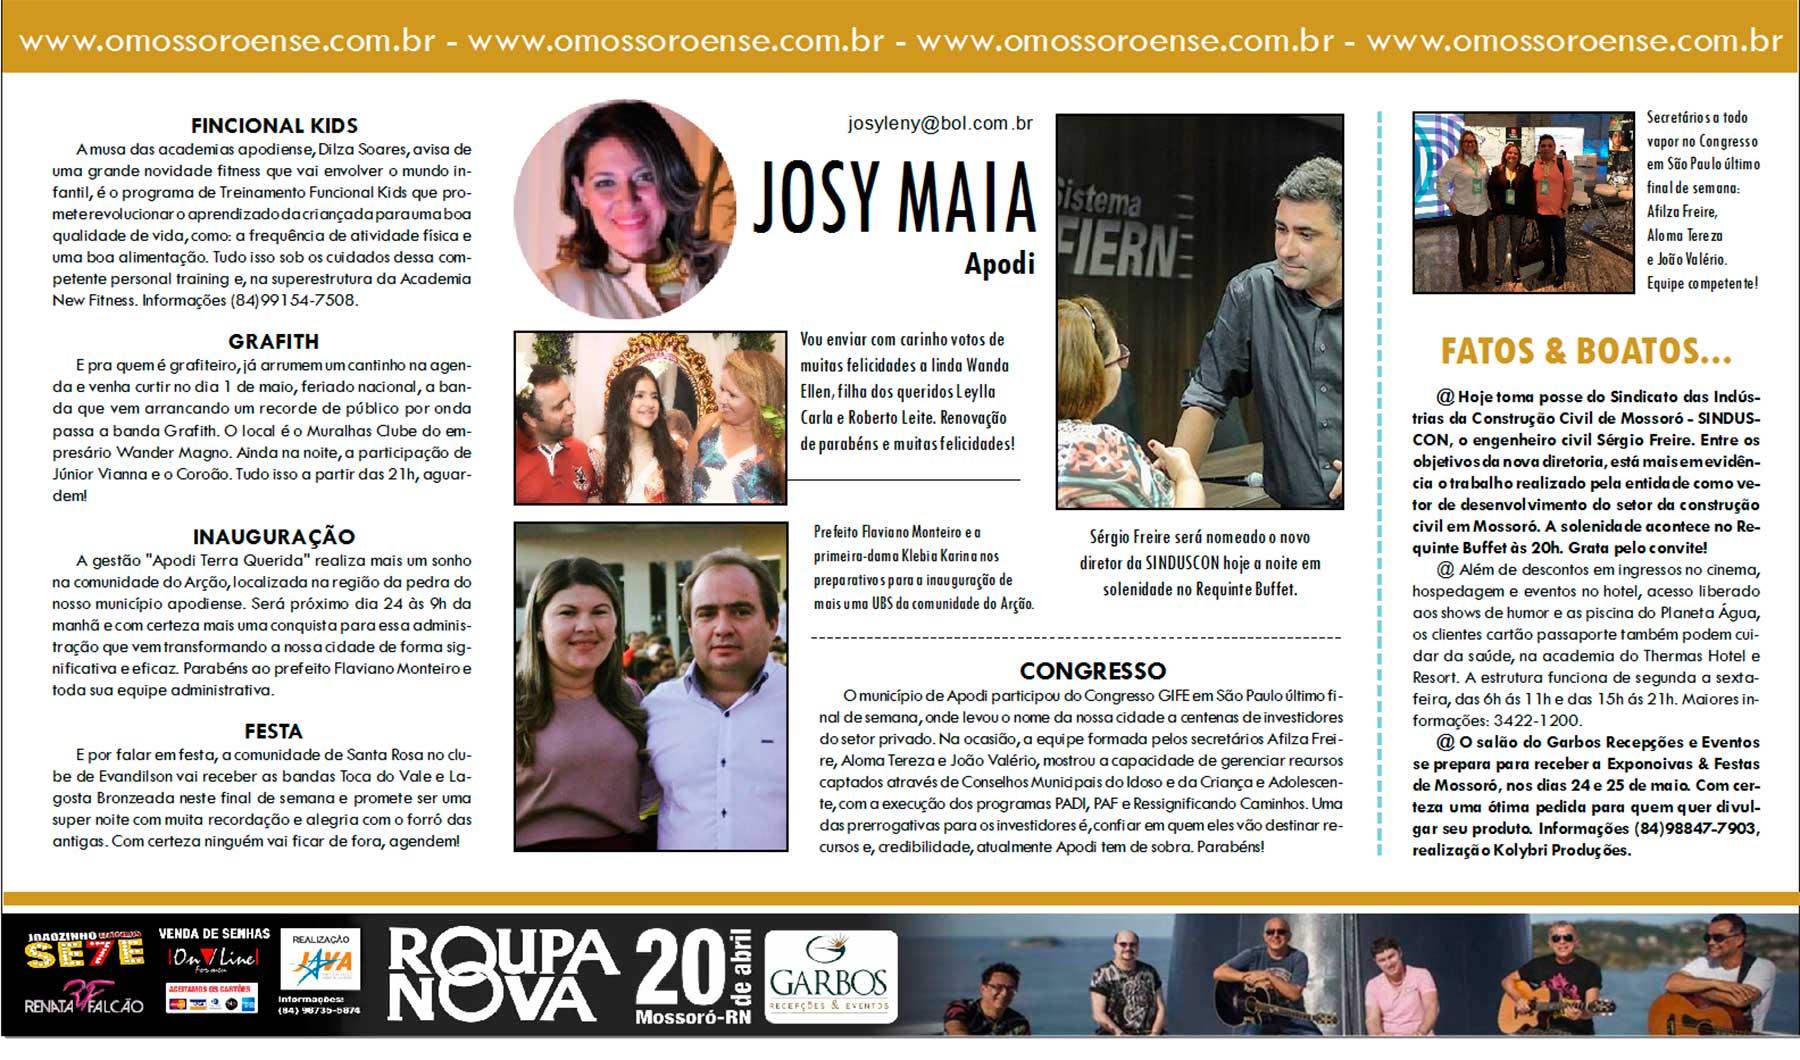 JOSY-MAIA-071-04-16